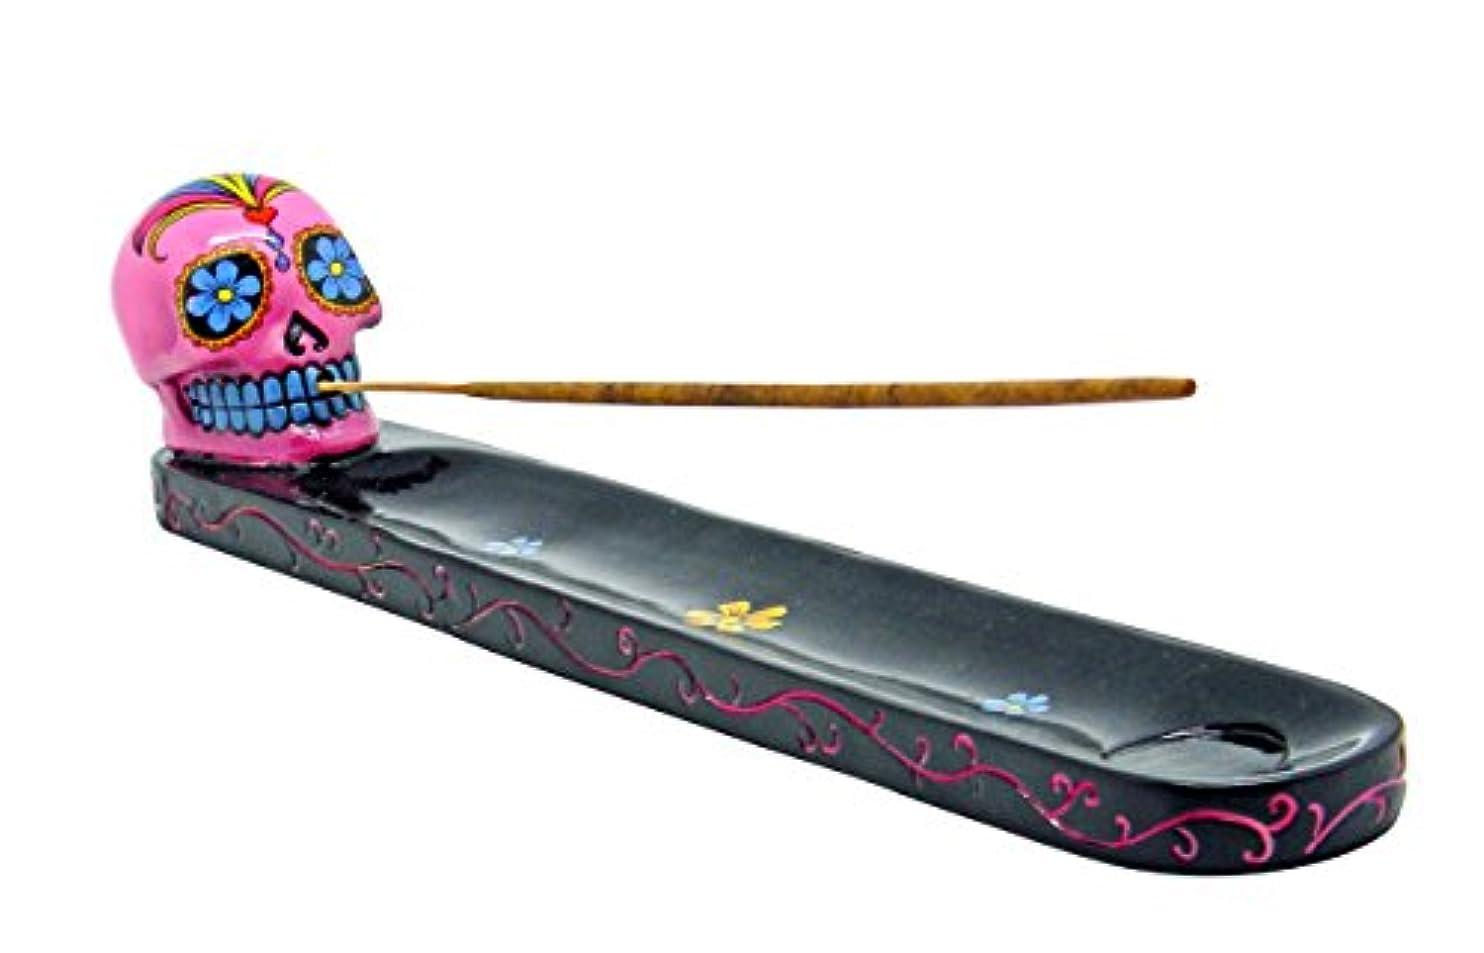 遠征シャツセンサー1 X Day of the Dead Black Incense Burner Pink Sugar Skull by Fantasy